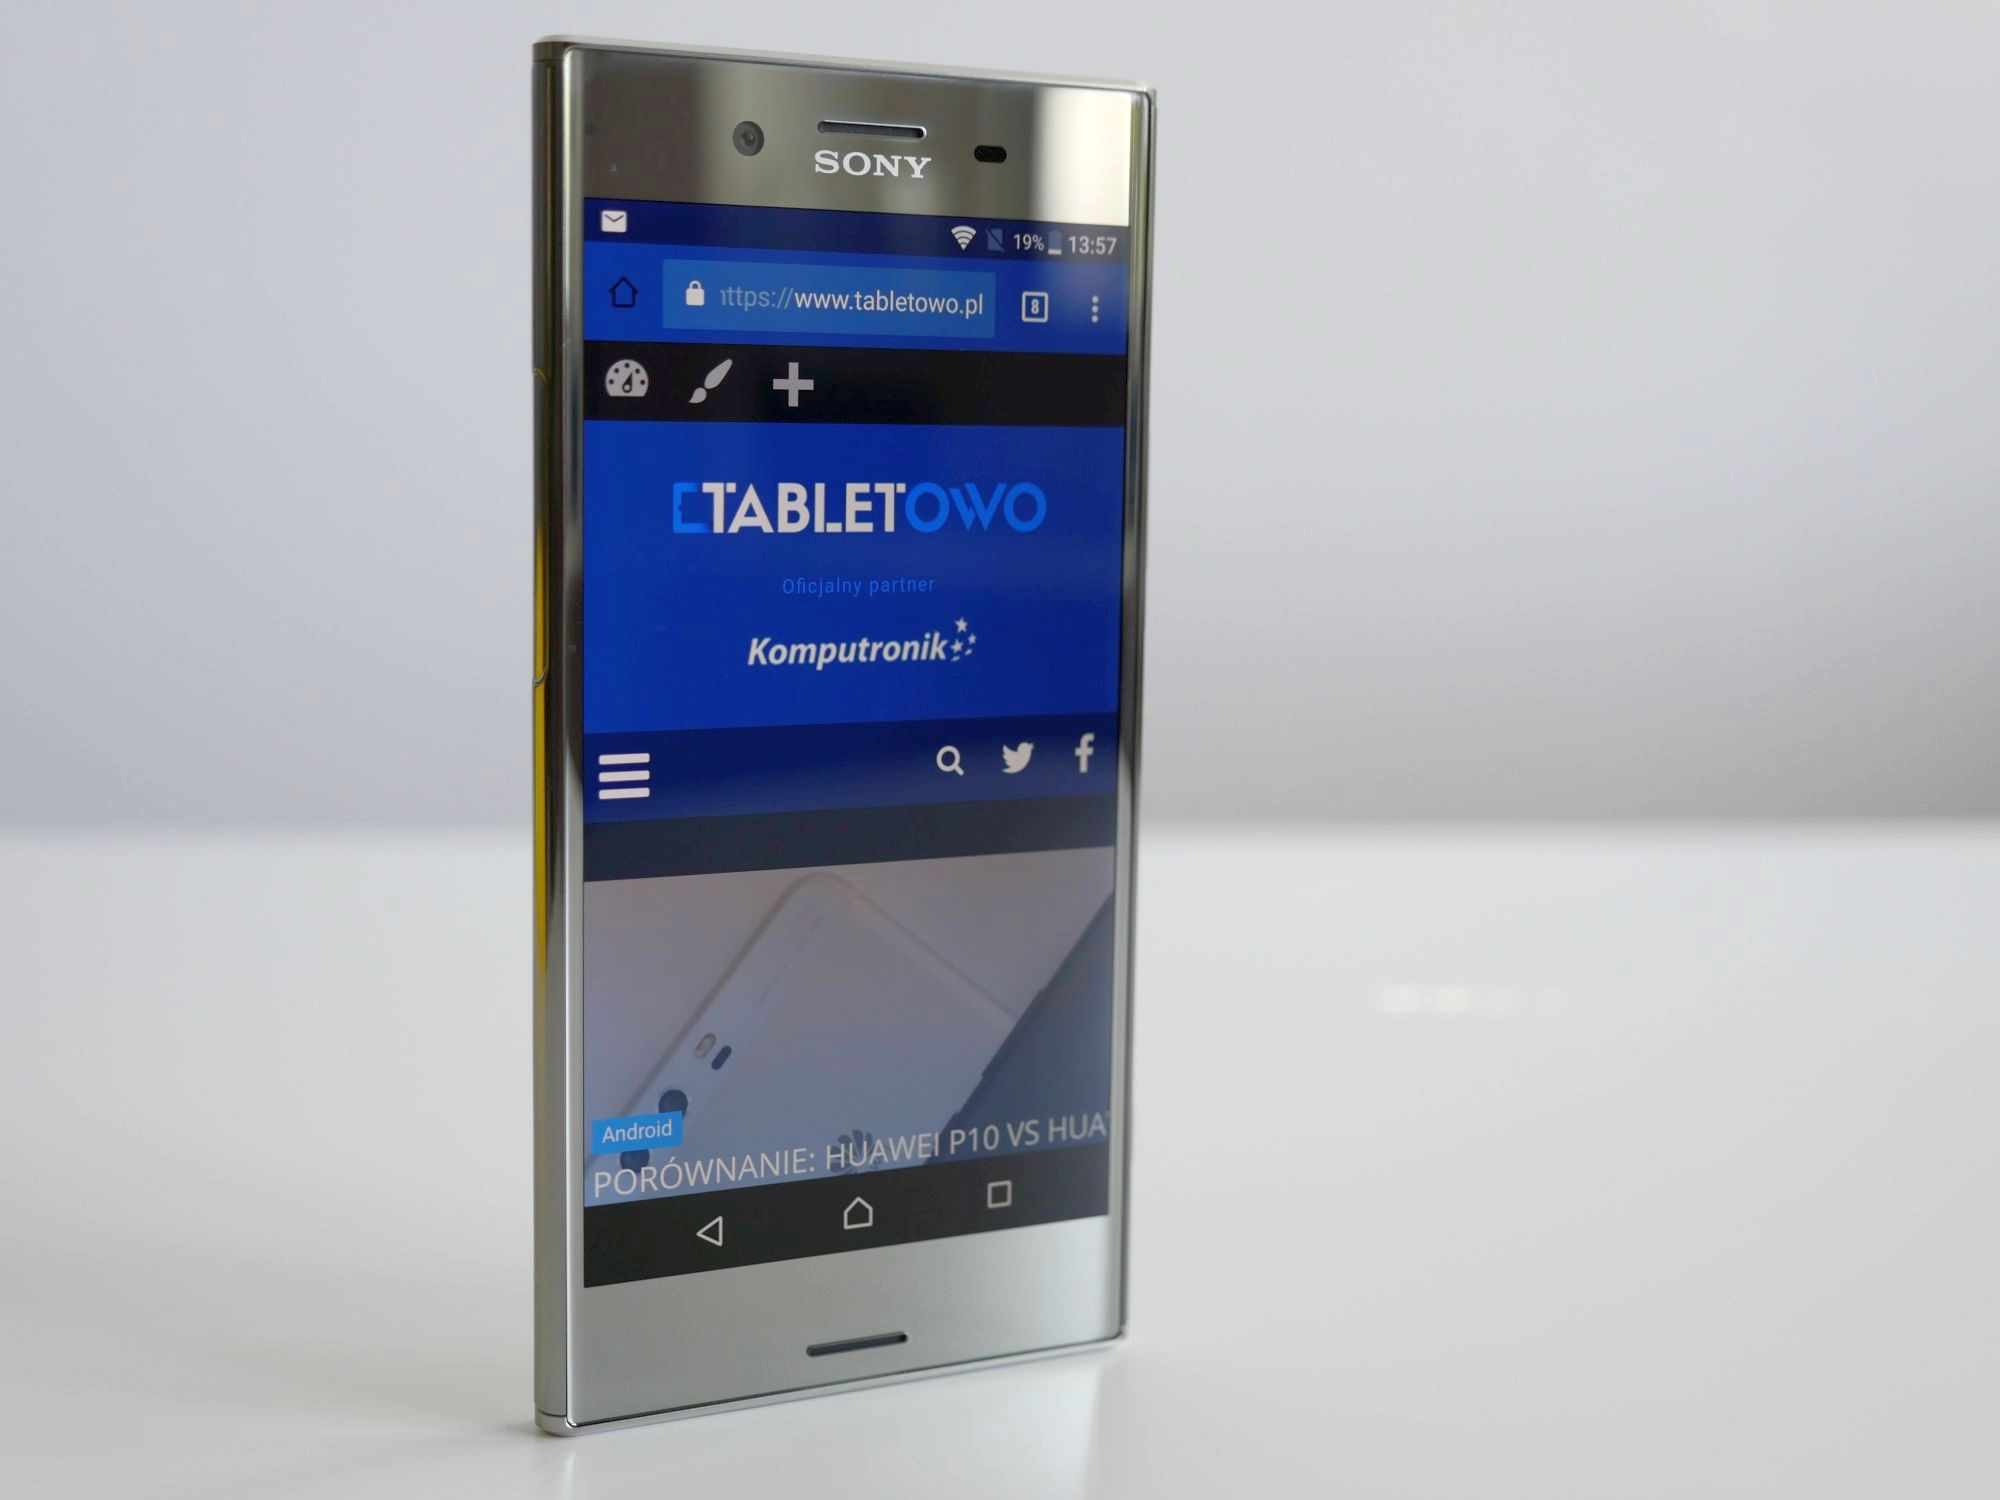 Przemyślenia po CESie, czyli jaki powinien być smartfon idealny? 3